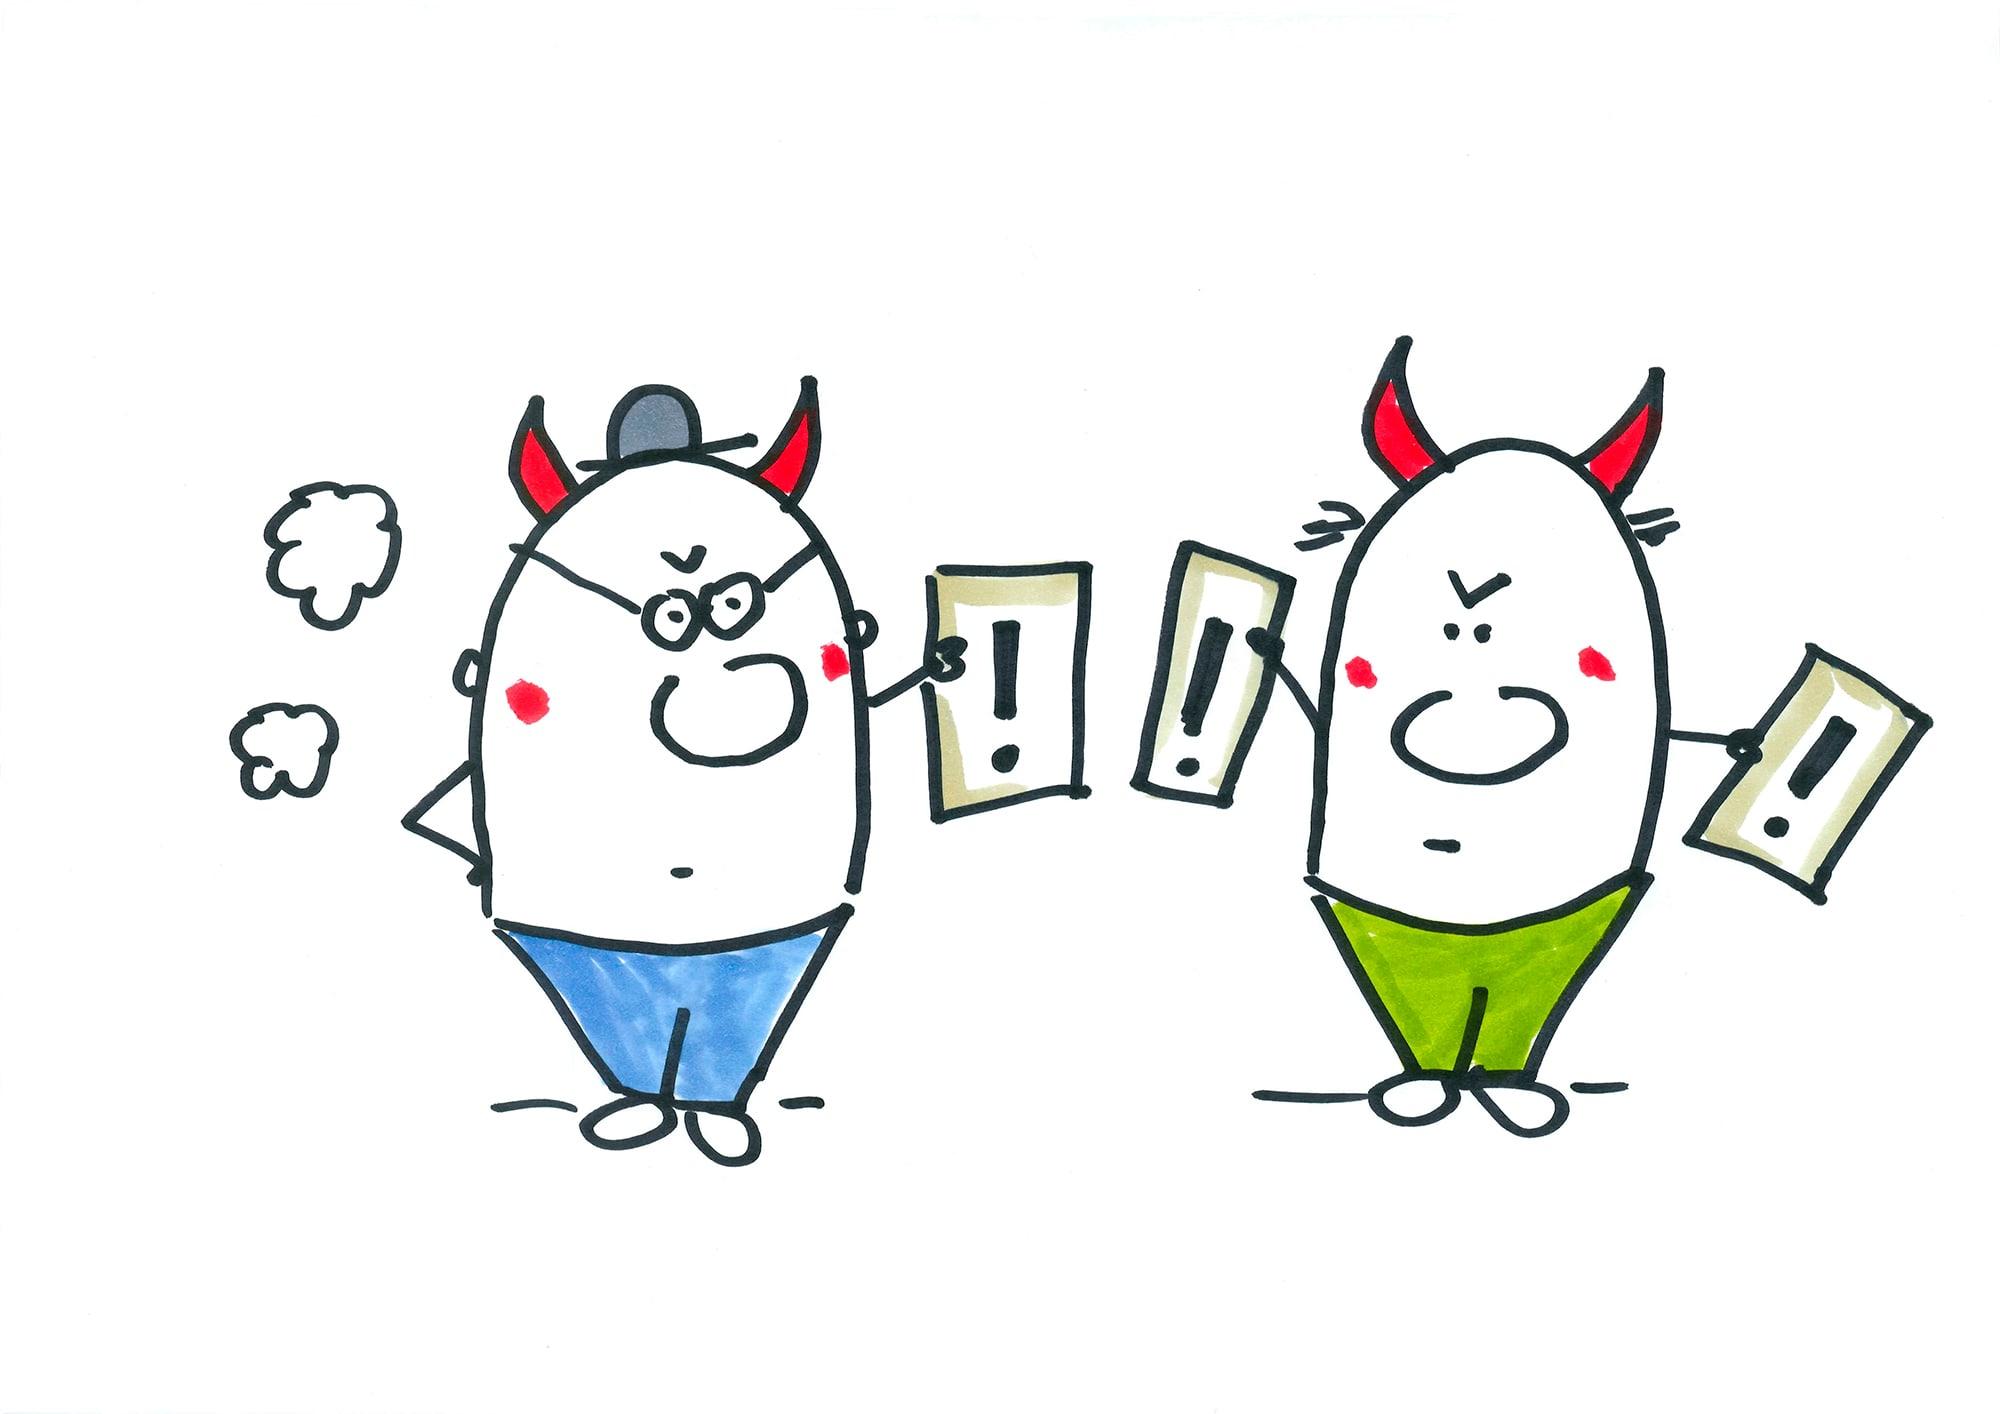 Eierköpfe mit Teufelshörnern drohen einander